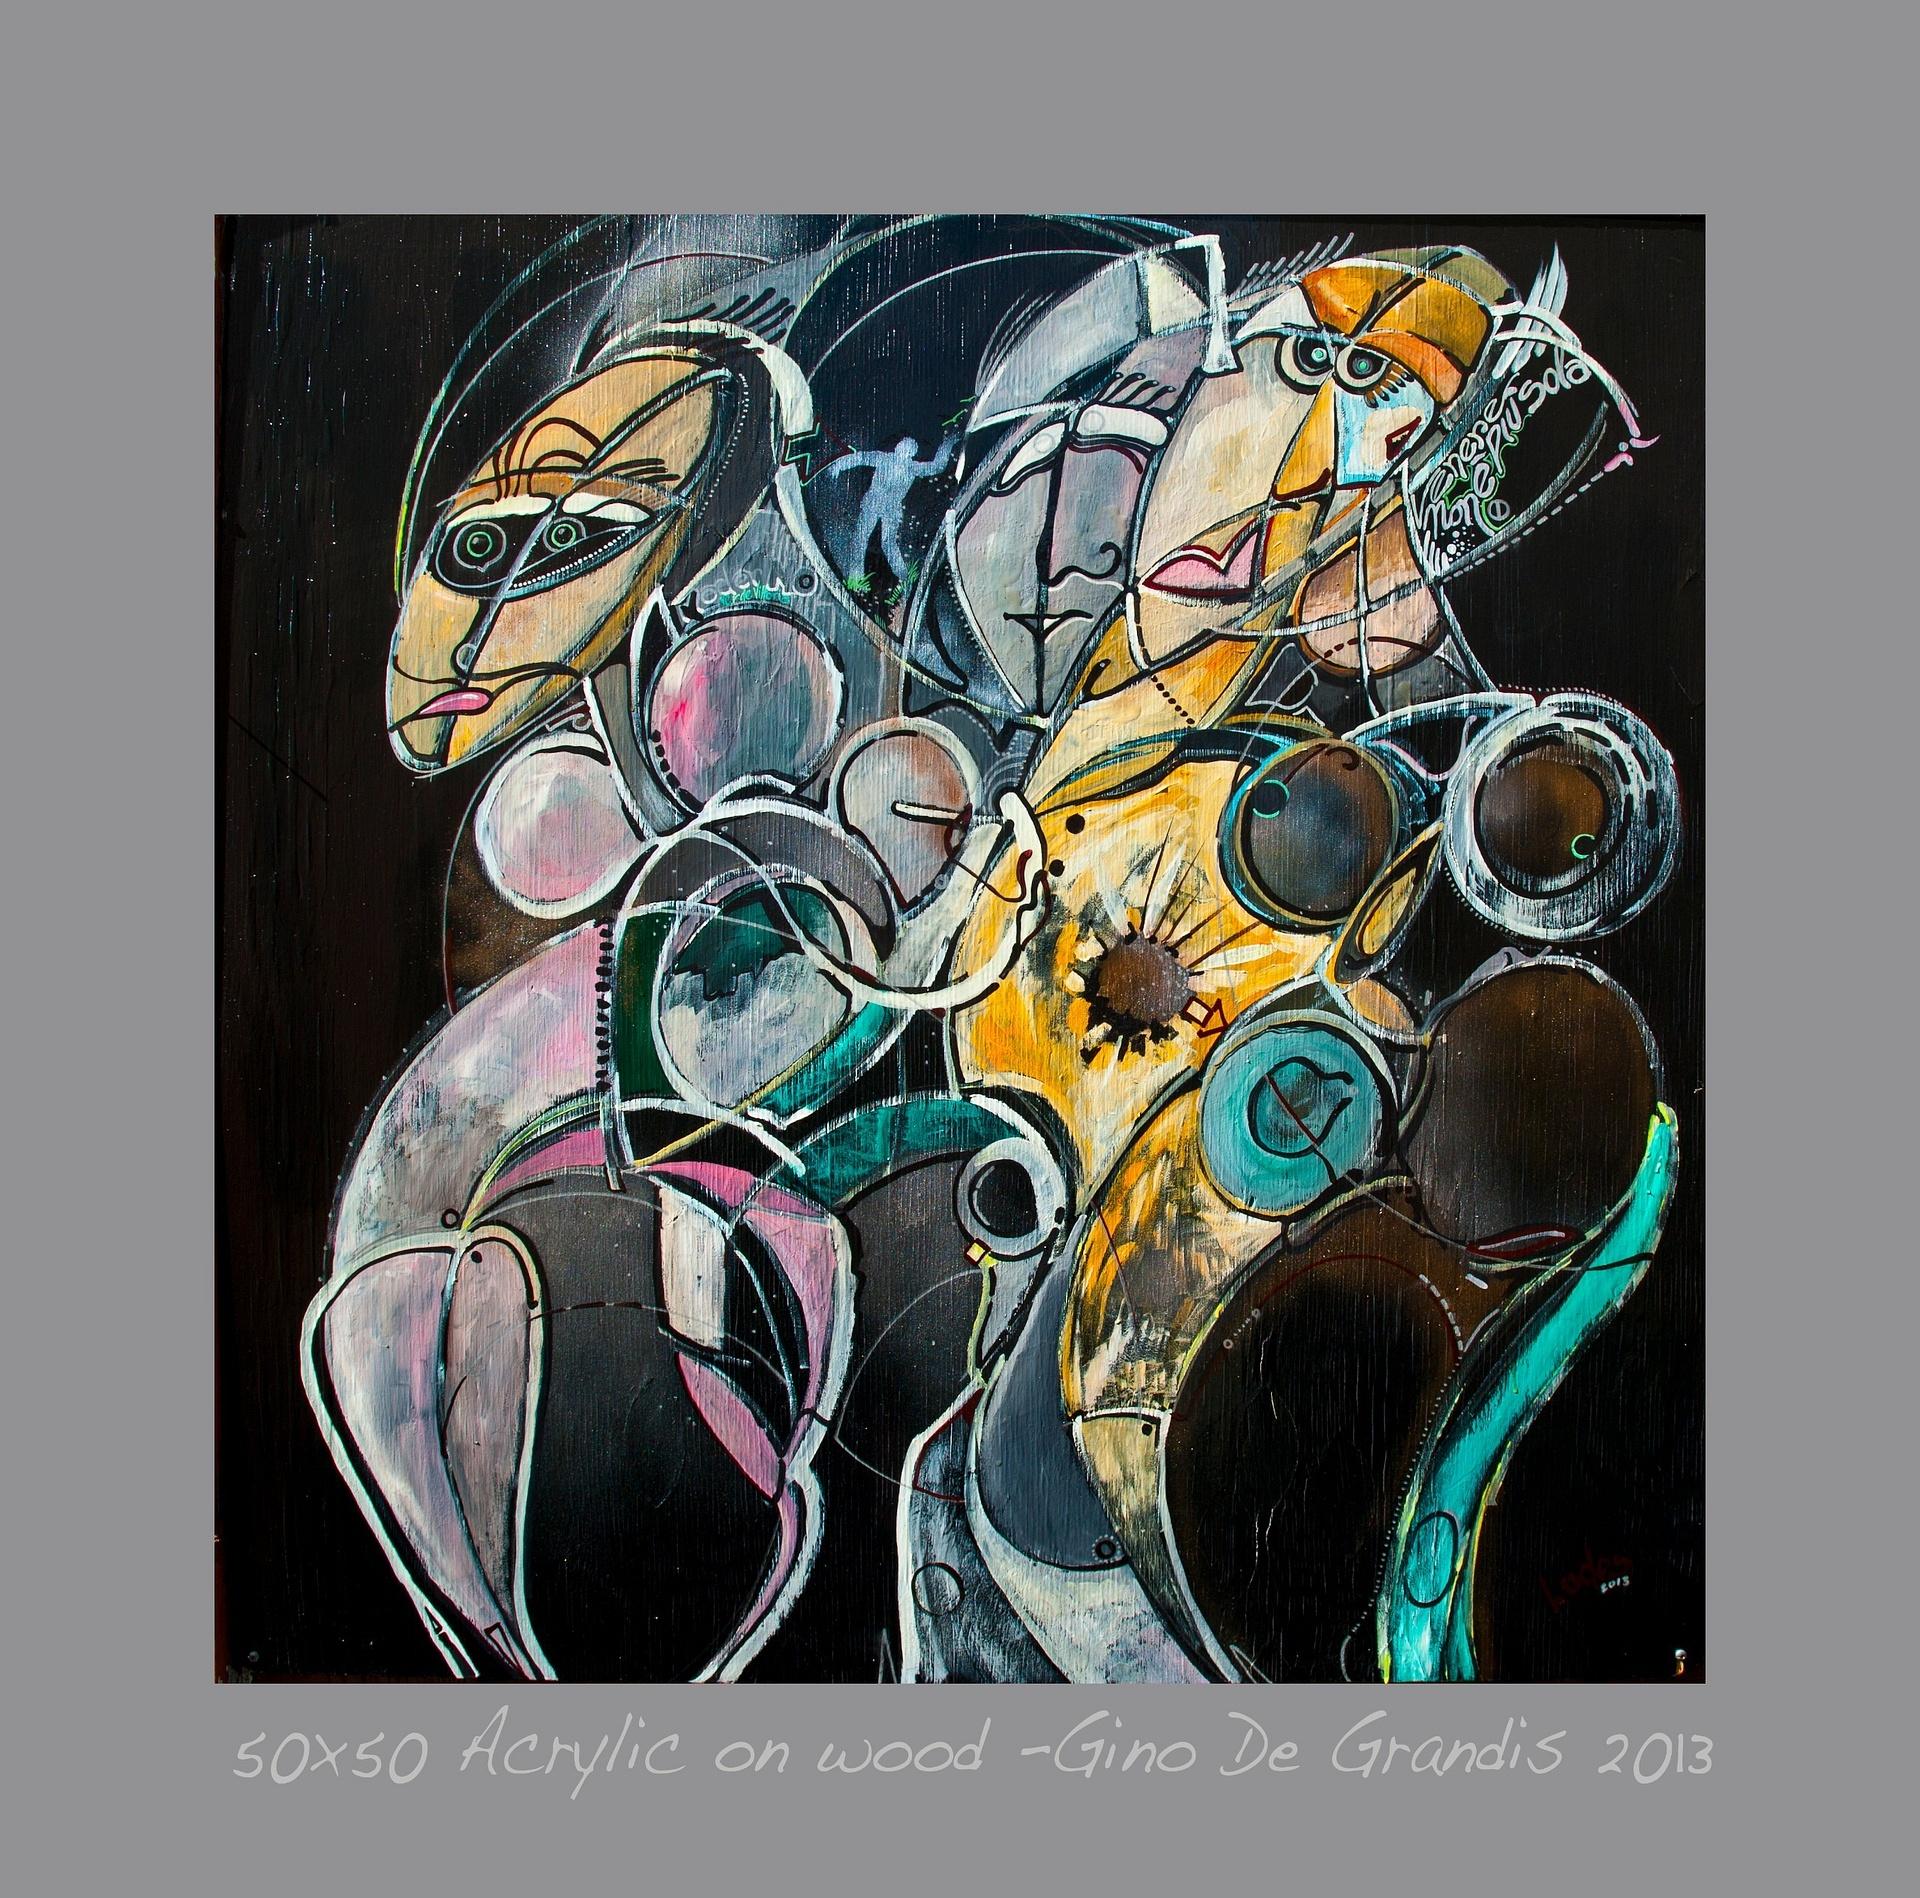 Gino De  Grandis's Gallery